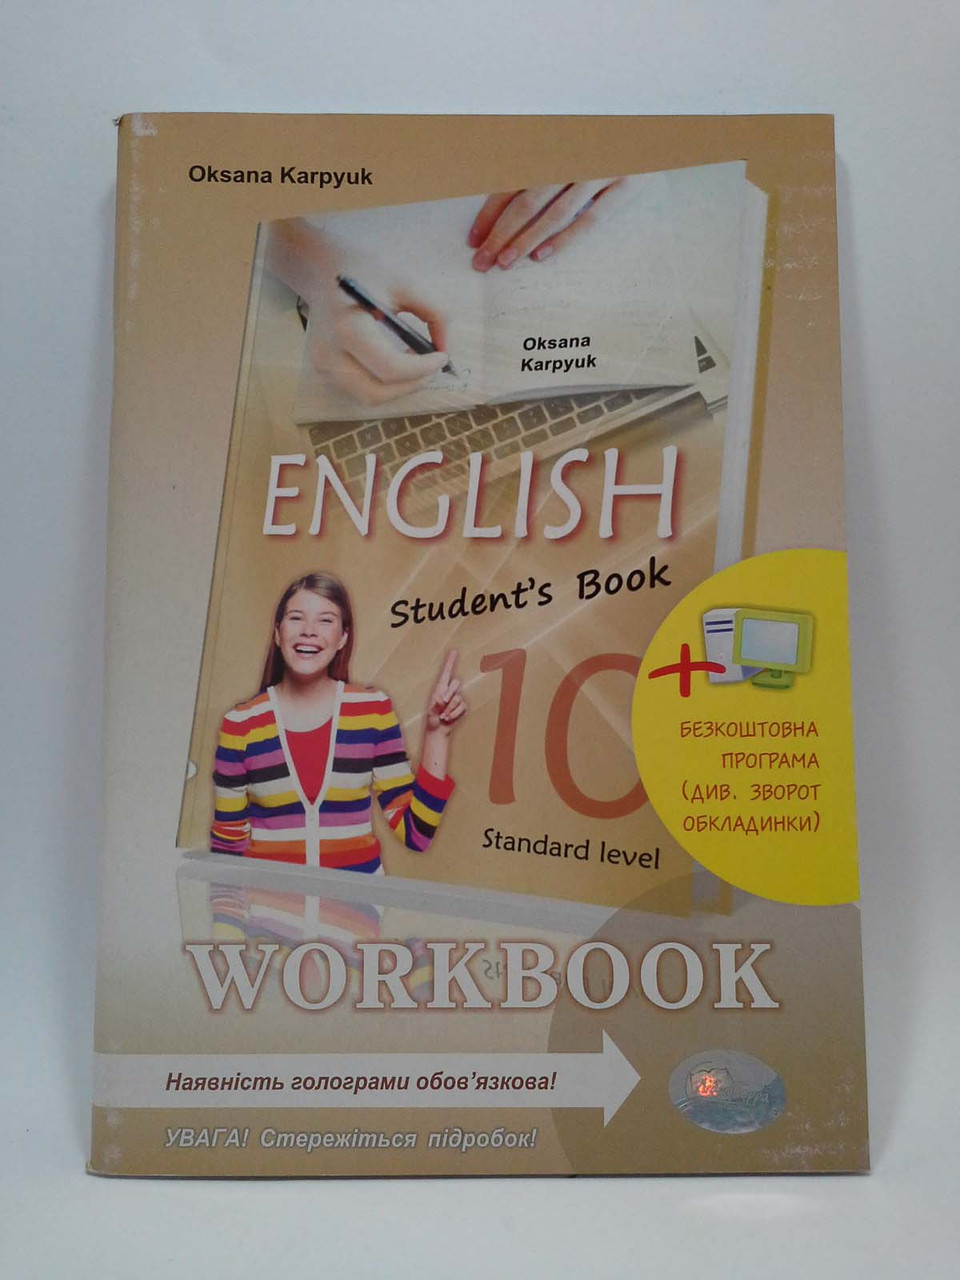 Лібра Робочий зошит Англійська мова 10 клас Карпюк Рівень стандарт